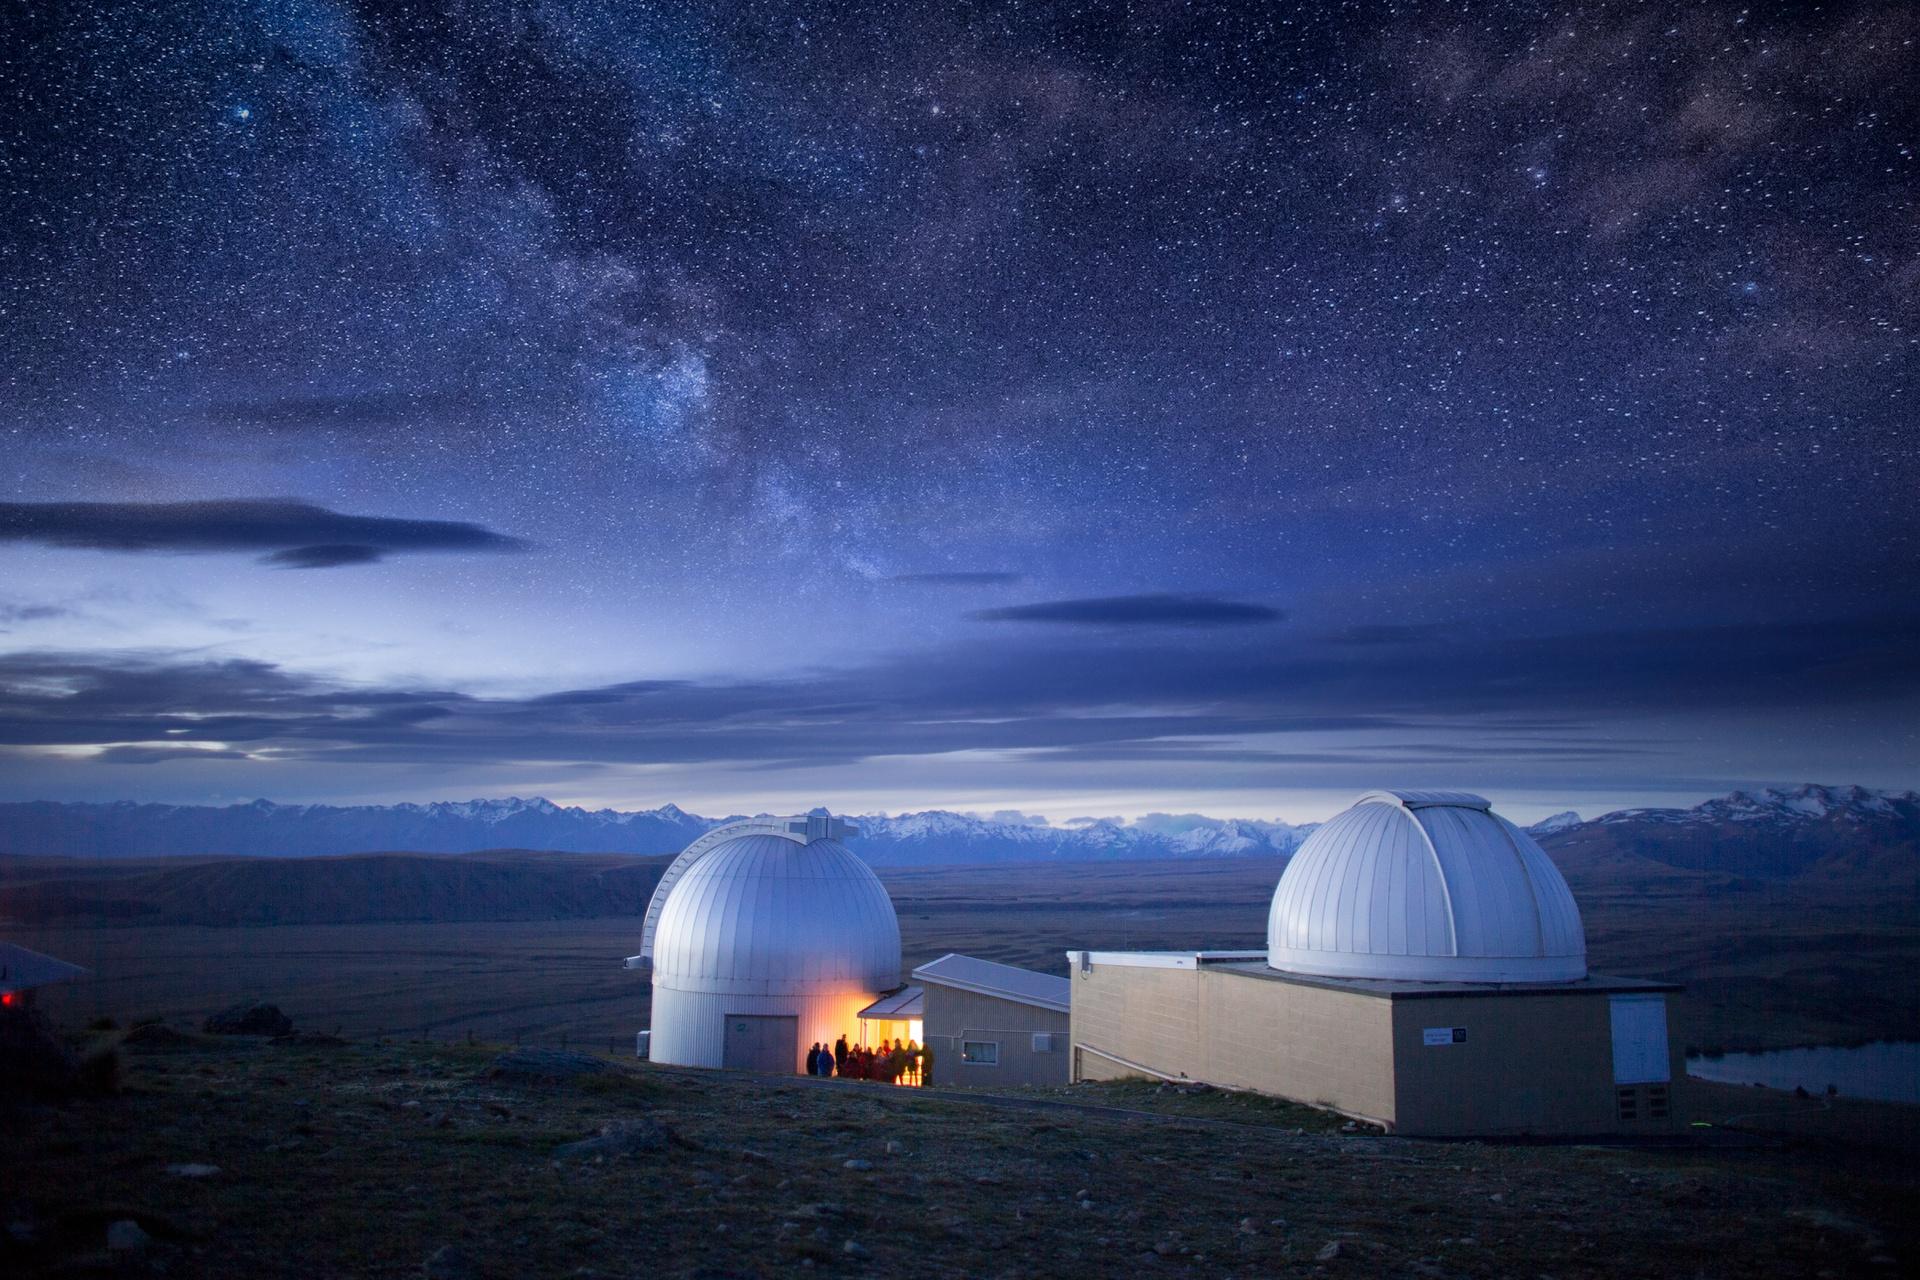 Lake Tekapō observatory, New Zealand (image care of Tourism New Zealand).